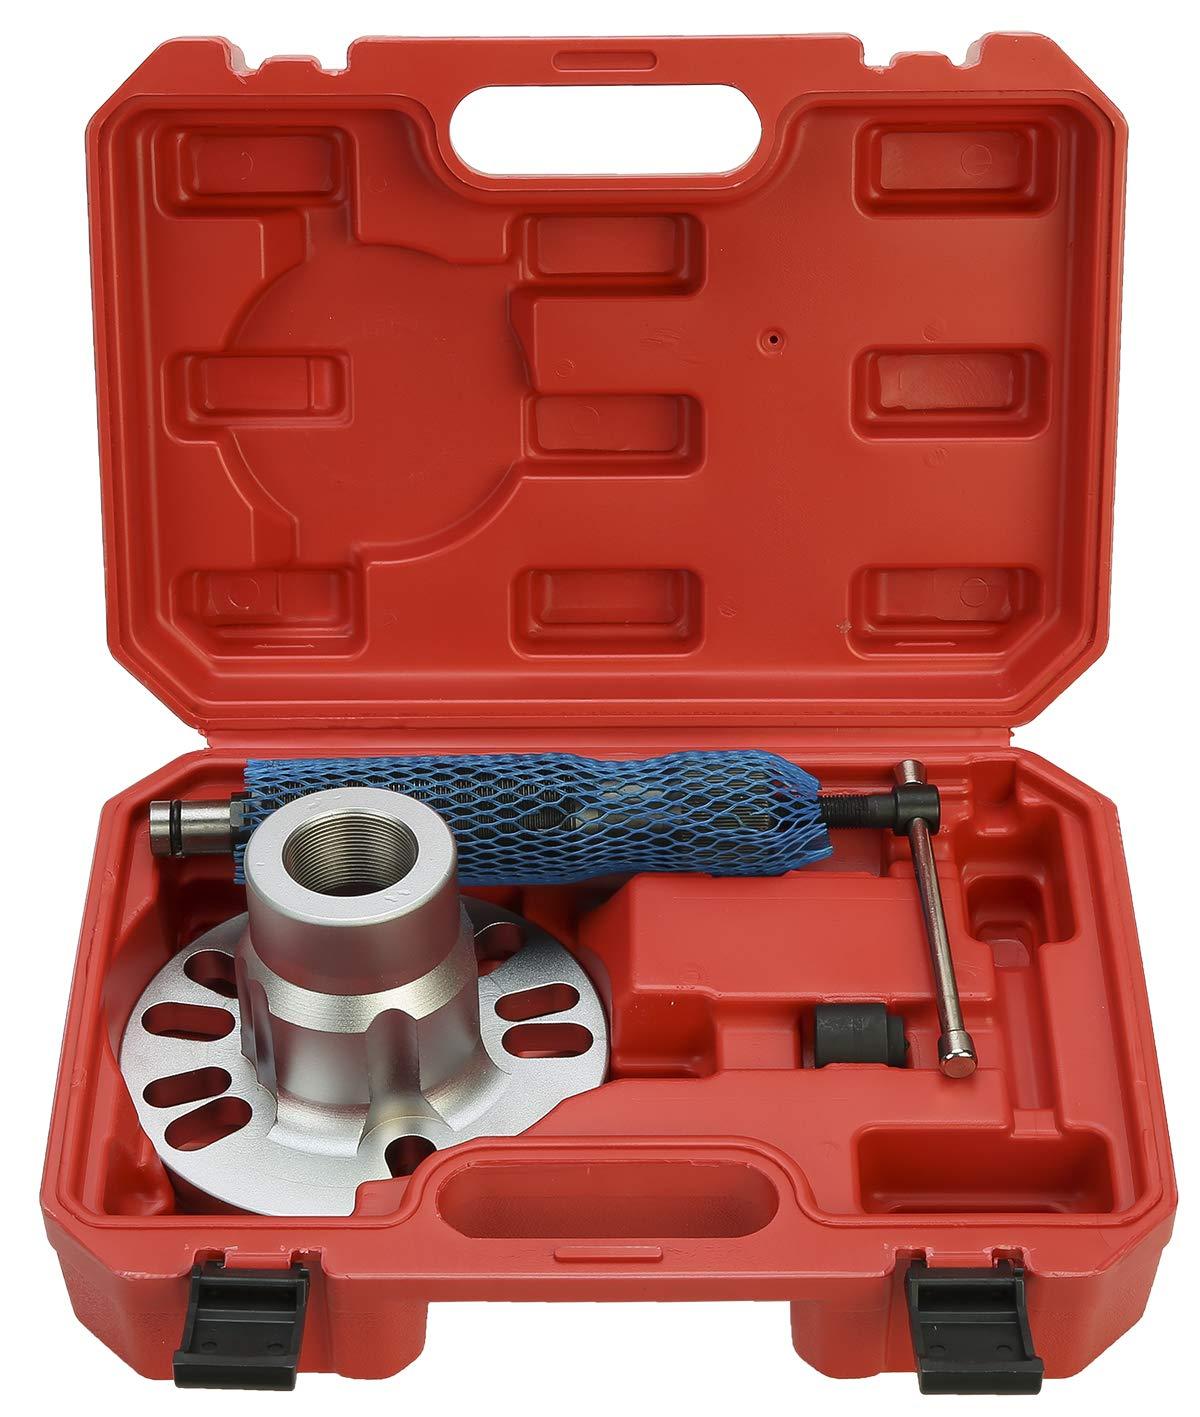 FreeTec 10T Extracteur de Roue hydraulique pour Roues 96 à 125 mm freebirdtrading